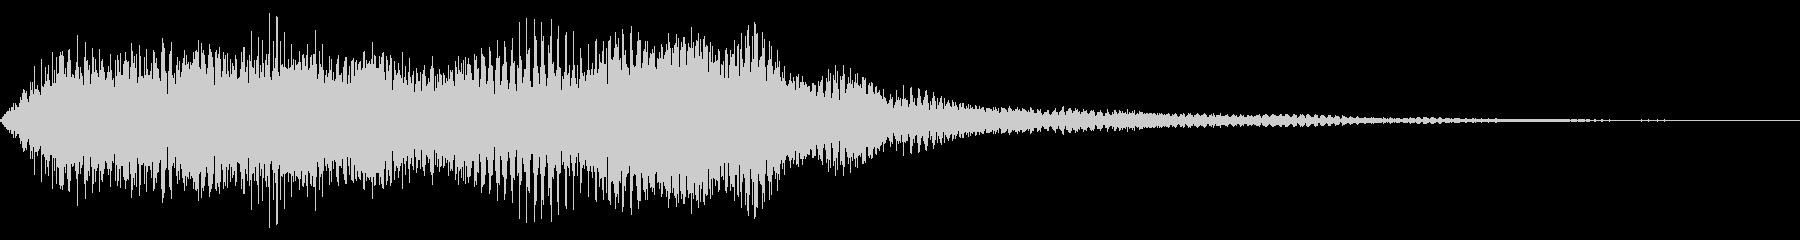 コーラス パイプオルガン 厳か 終わり の未再生の波形